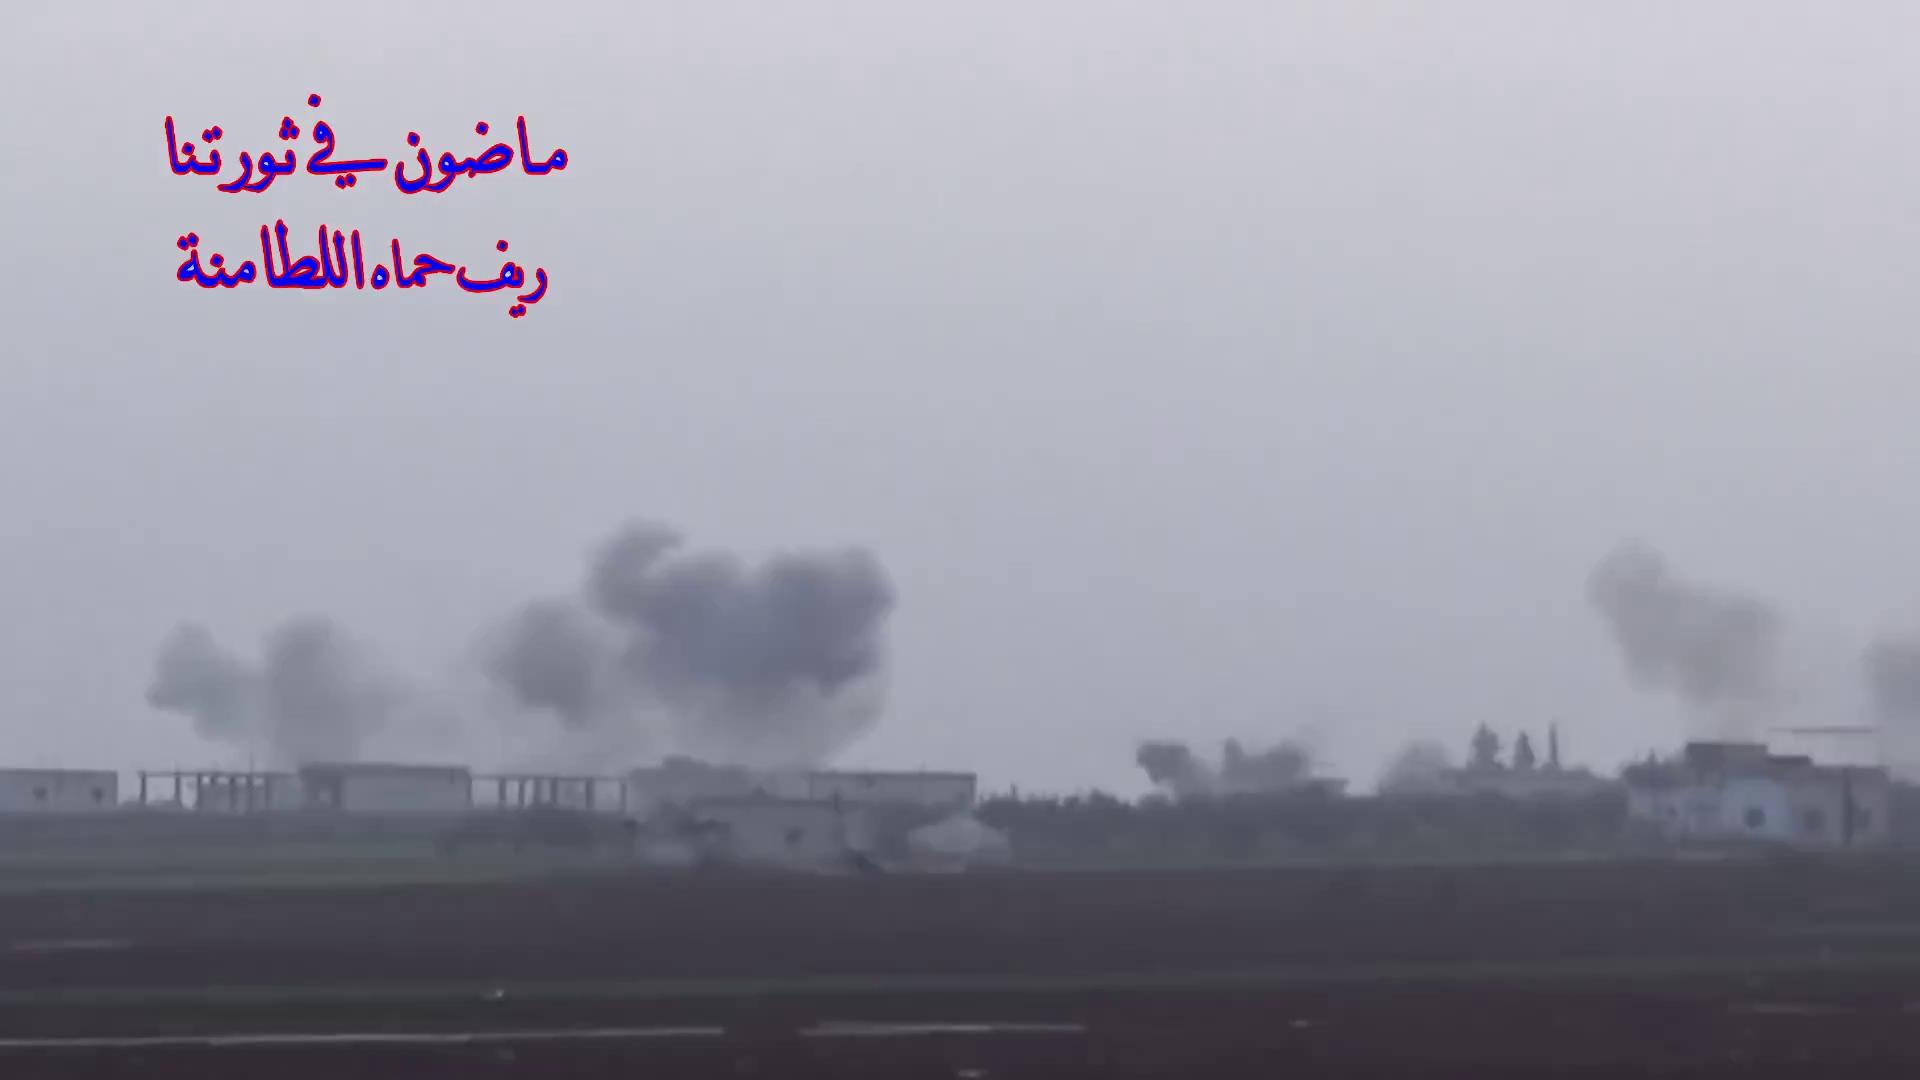 Pháo binh, tên lửa Syria pháo kích dữ dội vào lực lượng Hồi giáo cực đoan trong thị trấn Al-Latamenah